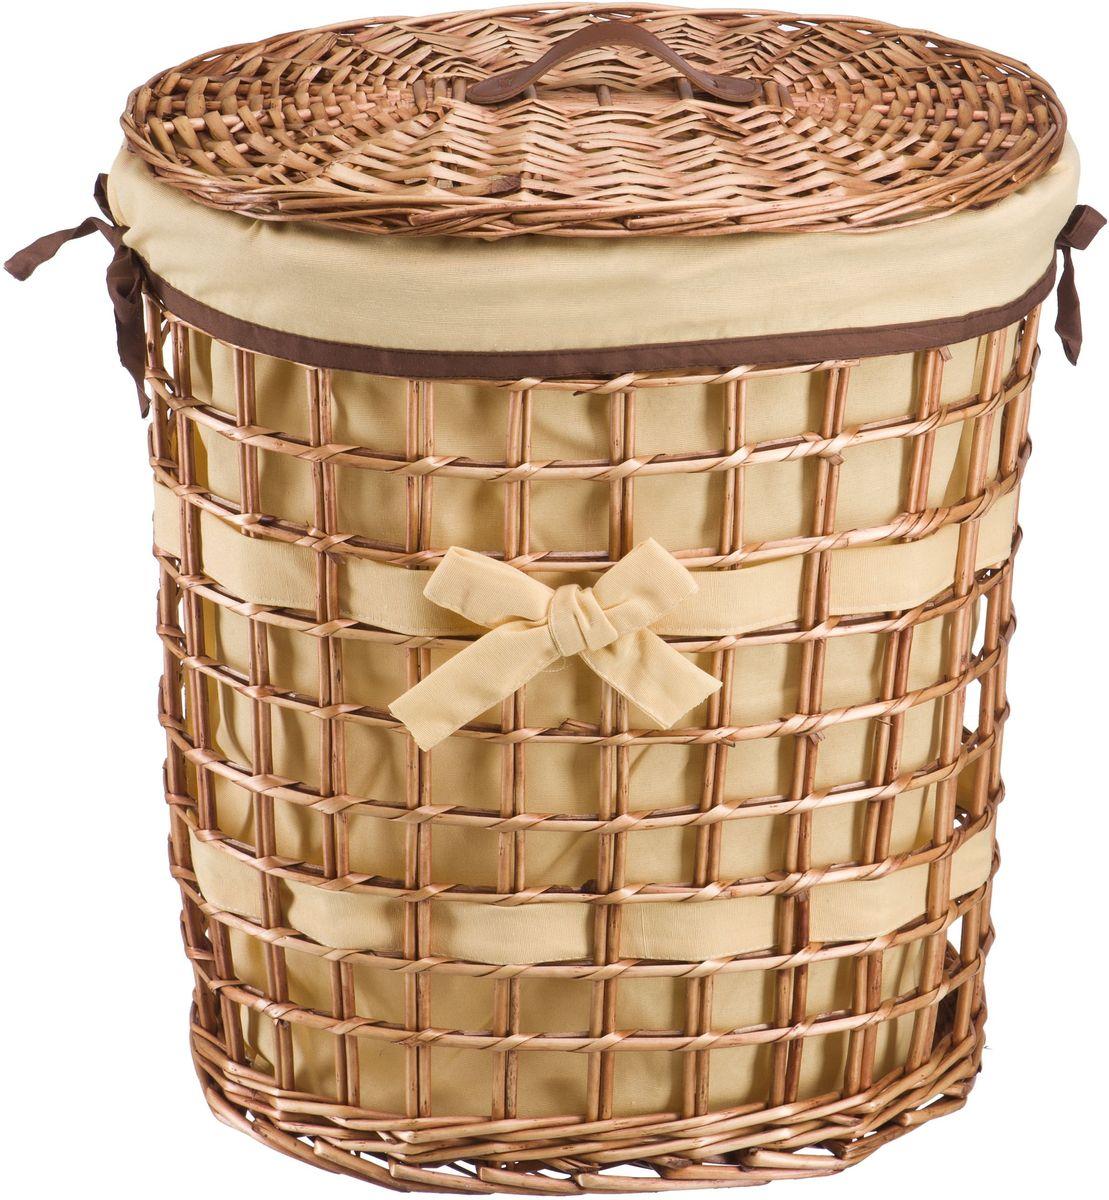 Корзина для белья Natural House Бантик, цвет: коричневый, 49 х 36 х 55 см03676-X64-00Бельевая корзина Natural House из лозы ивы не только удобна, практична, но и прекрасно выглядит. Овальная форма с оригинальным декором в виде банта украсит любое пространство. Высокое качество и натуральные материалы гармонично сочетаются и создают в доме уют и теплое настроение.В комплекте с корзиной идет съемный чехол, который легко снимается и стирается.